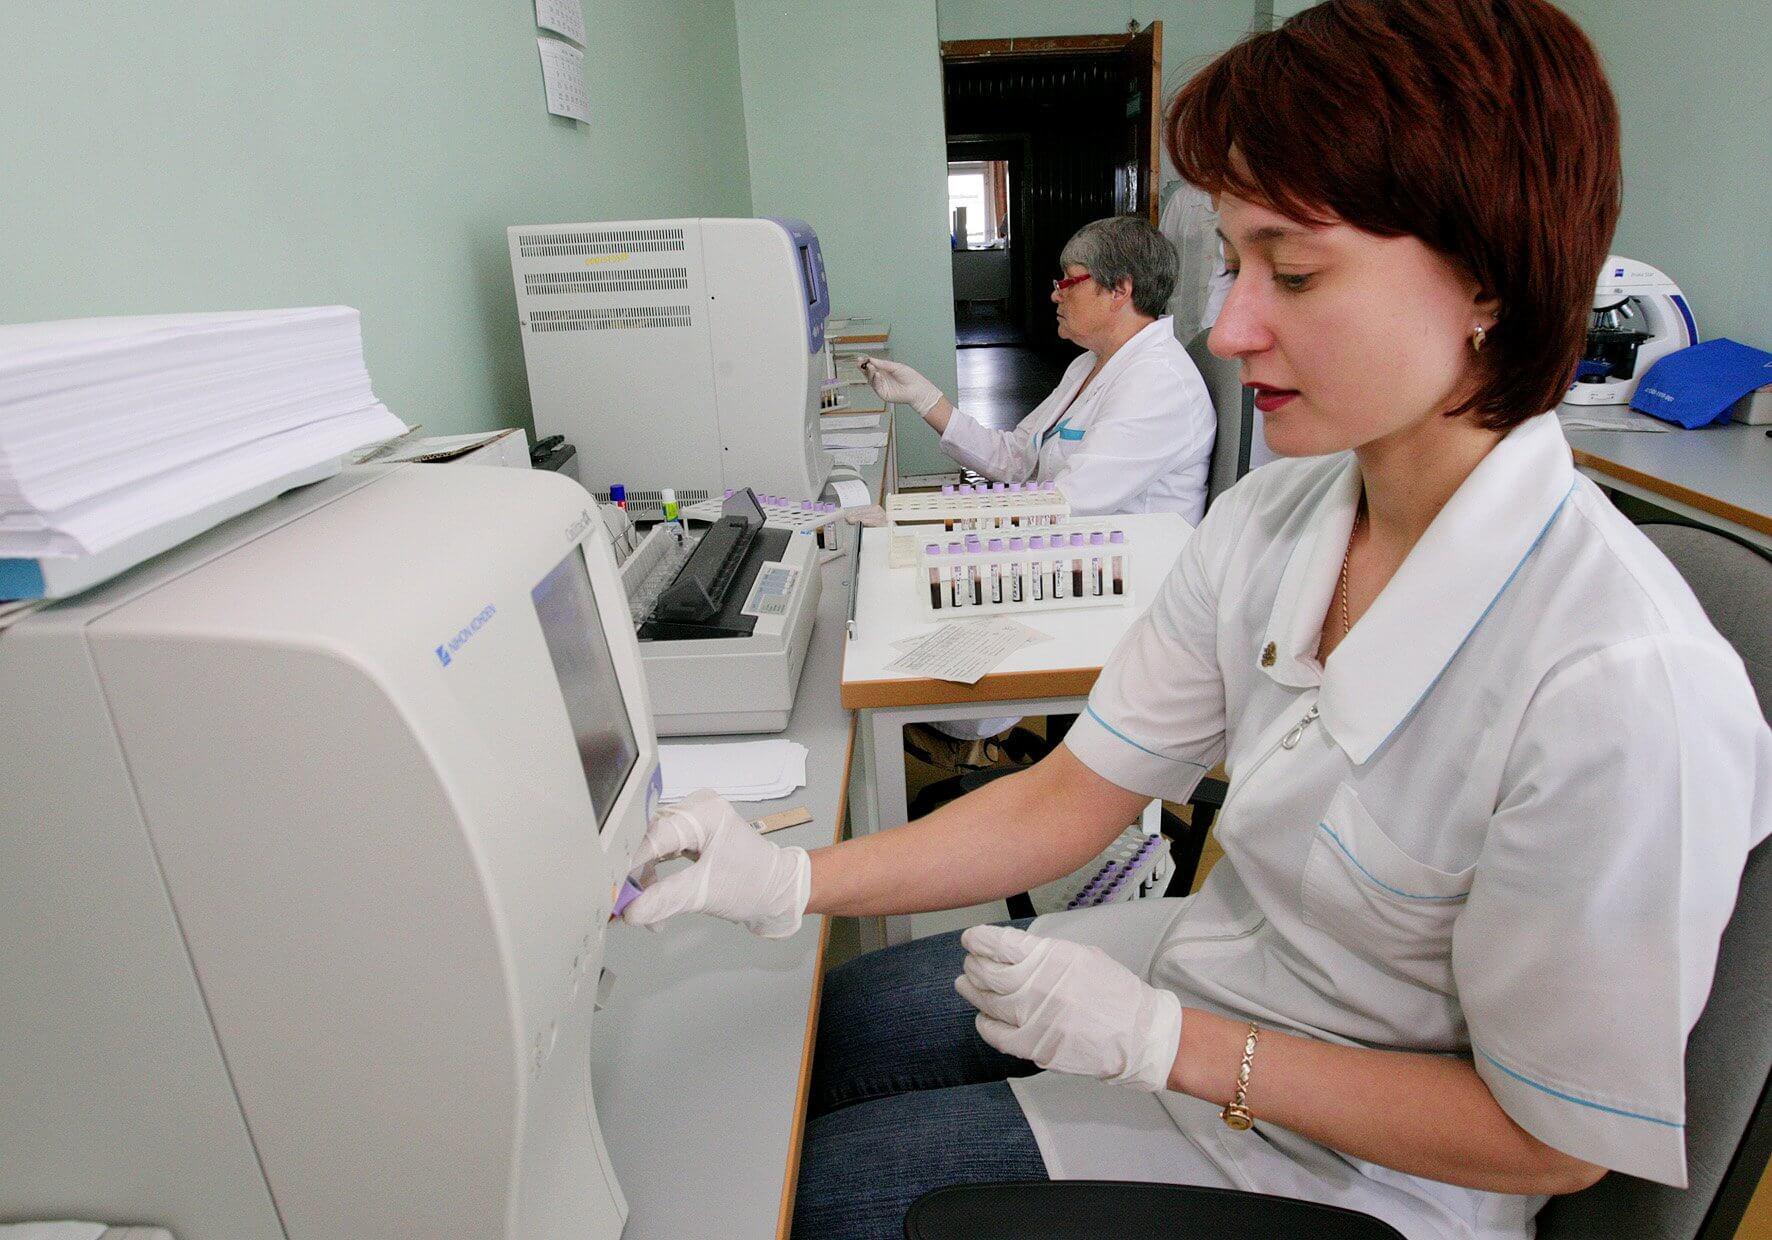 ПСА при аденоме предстательной железы: норма и отклонения